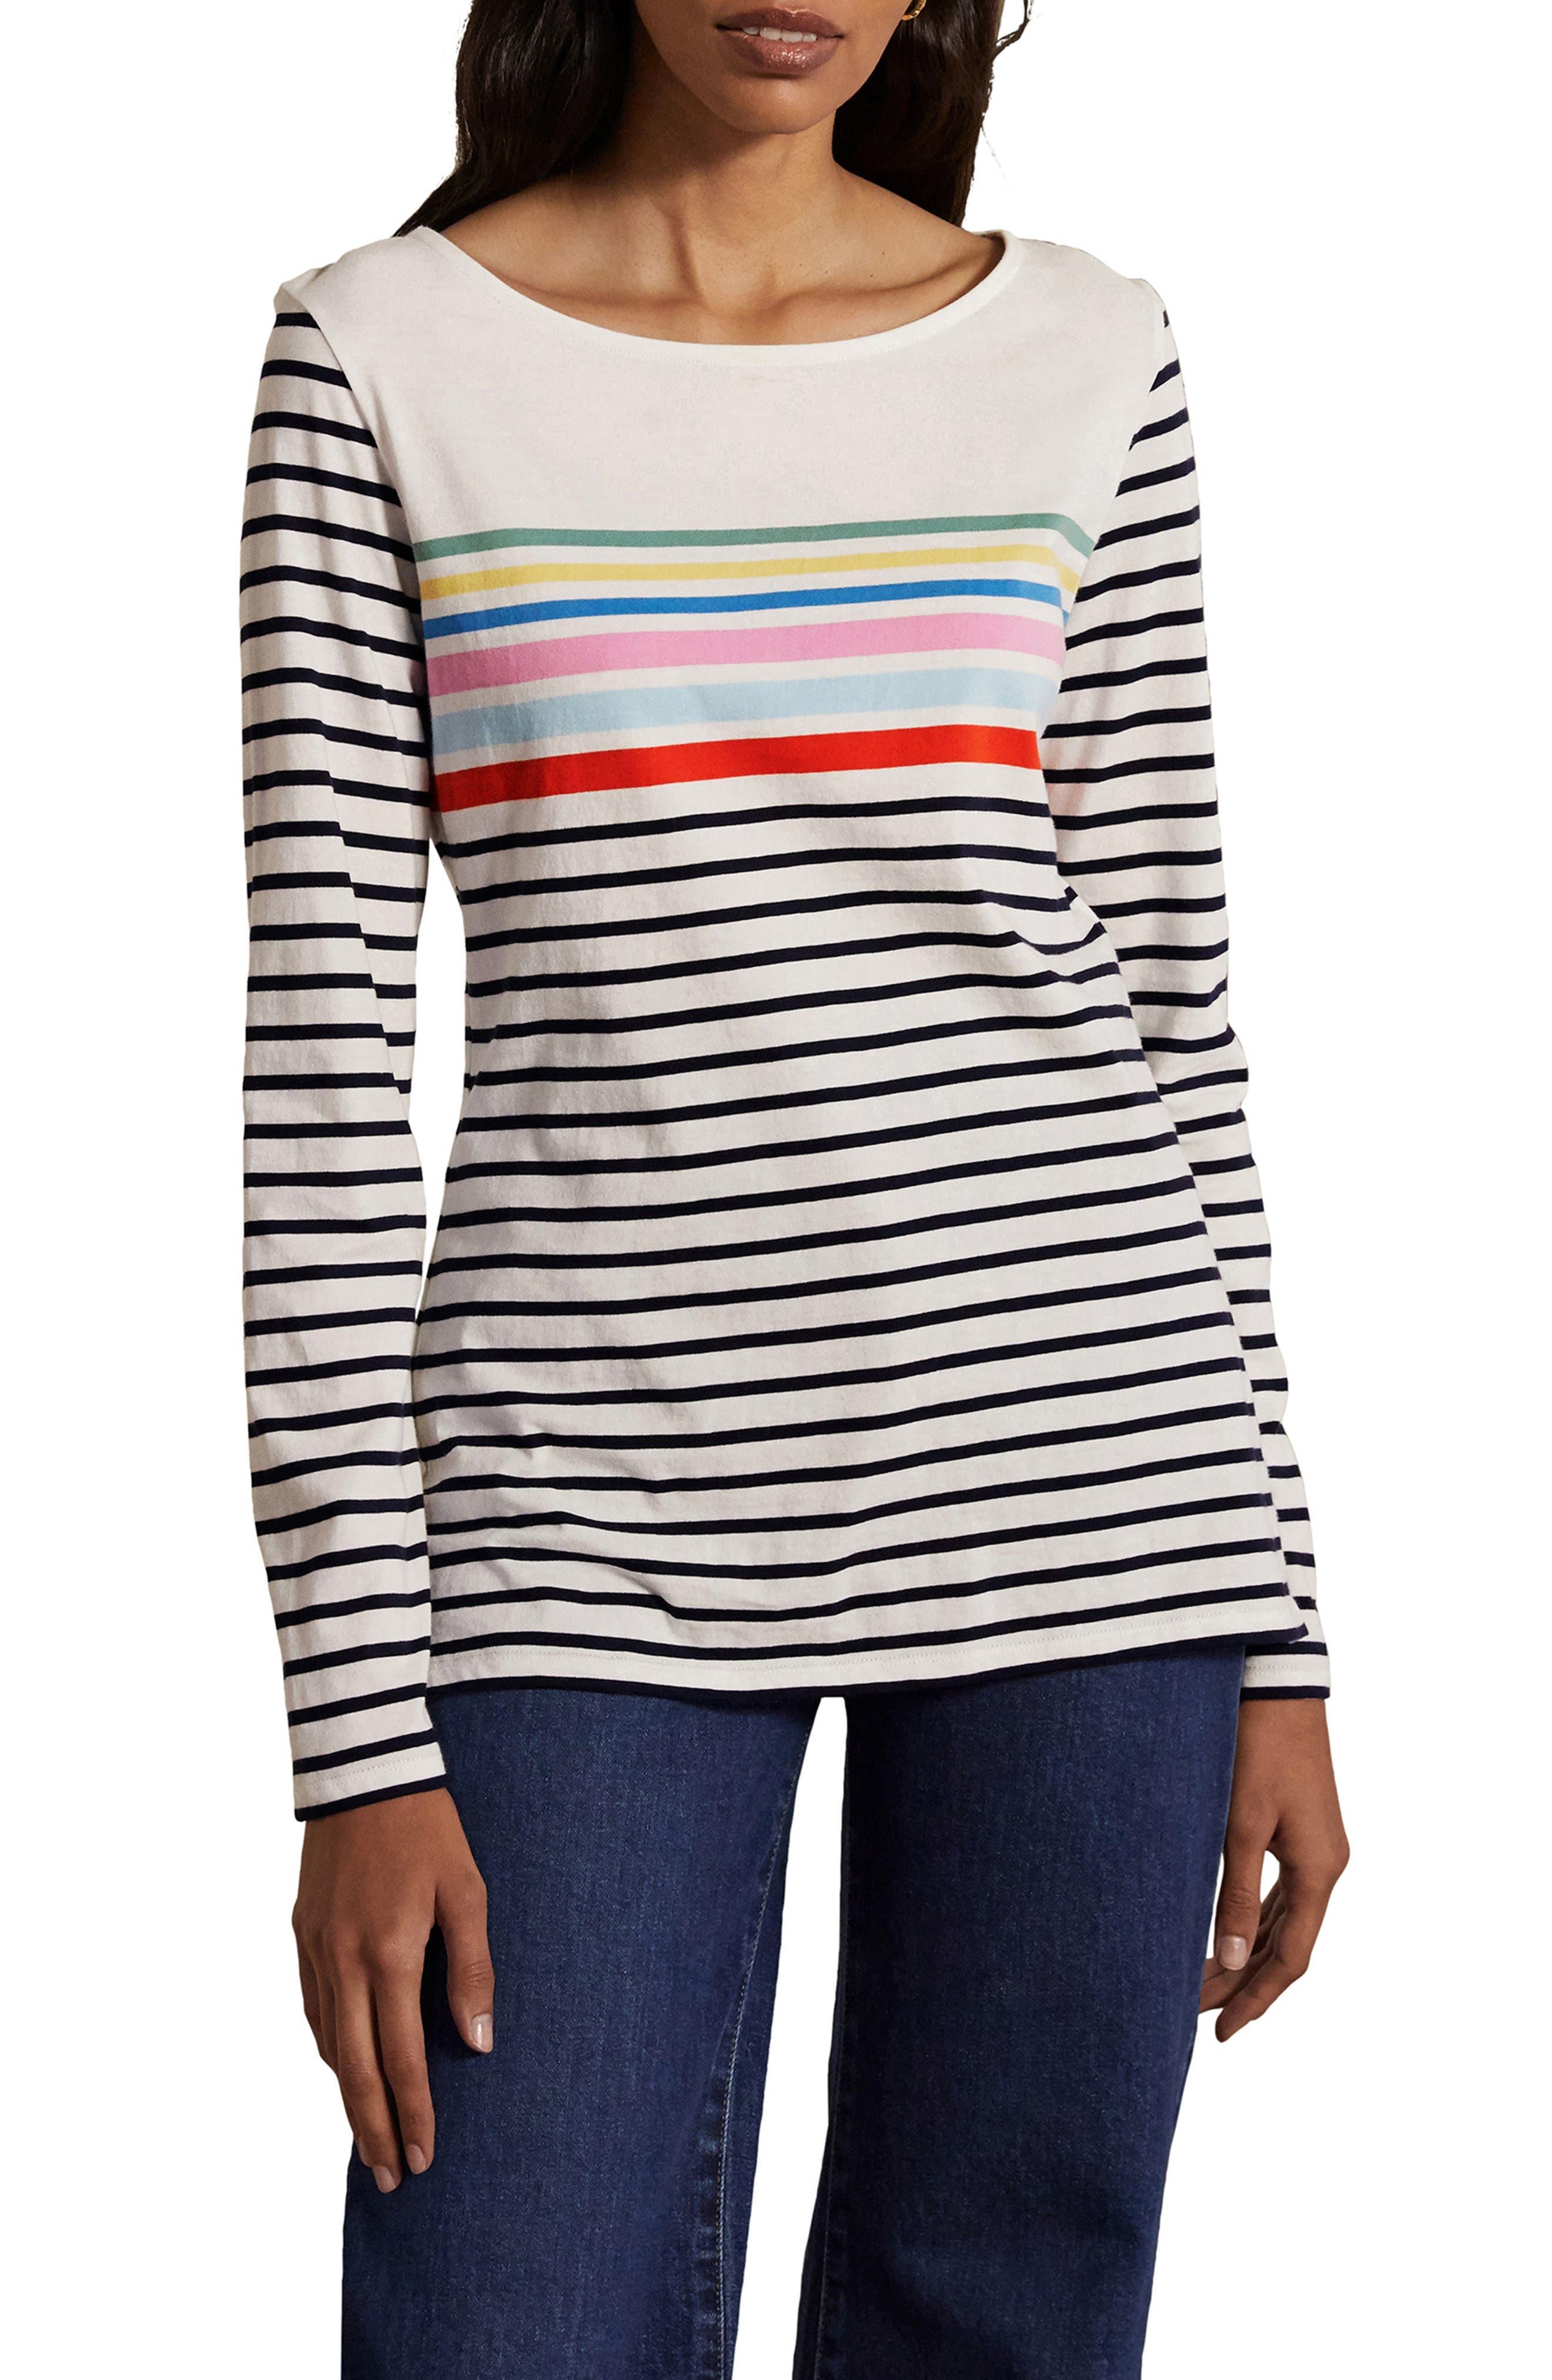 Boden Breton Stripe Long Sleeve Top